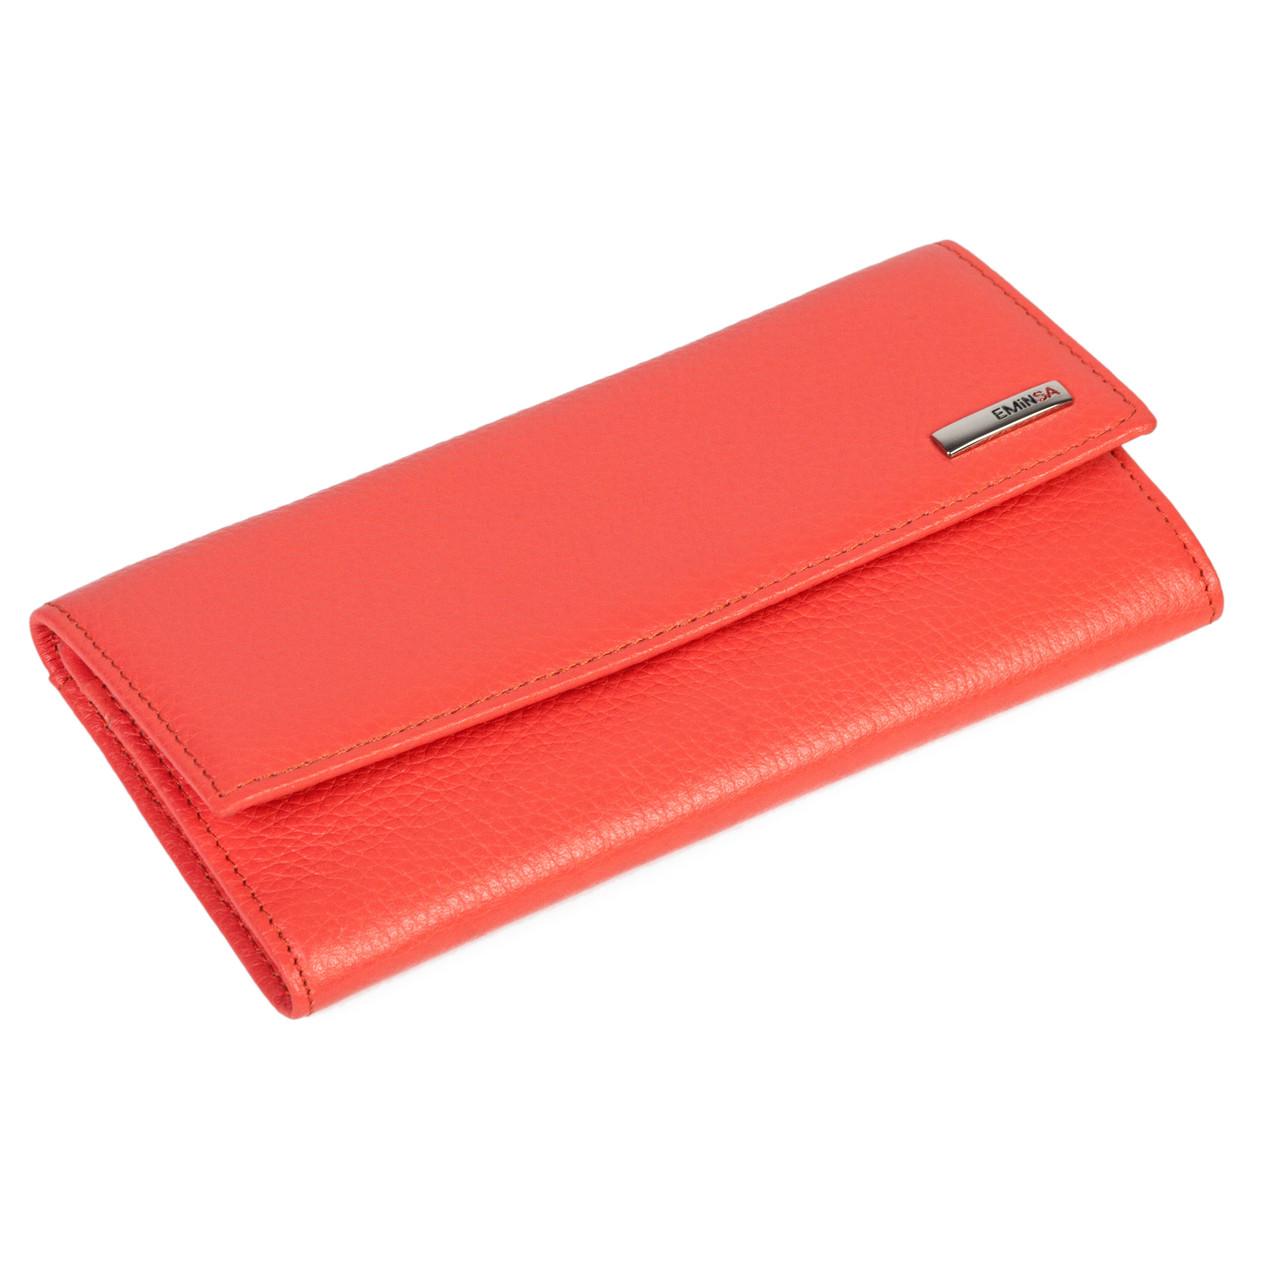 Женский кошелек Eminsa 2060-12-25 кожаный коралловый